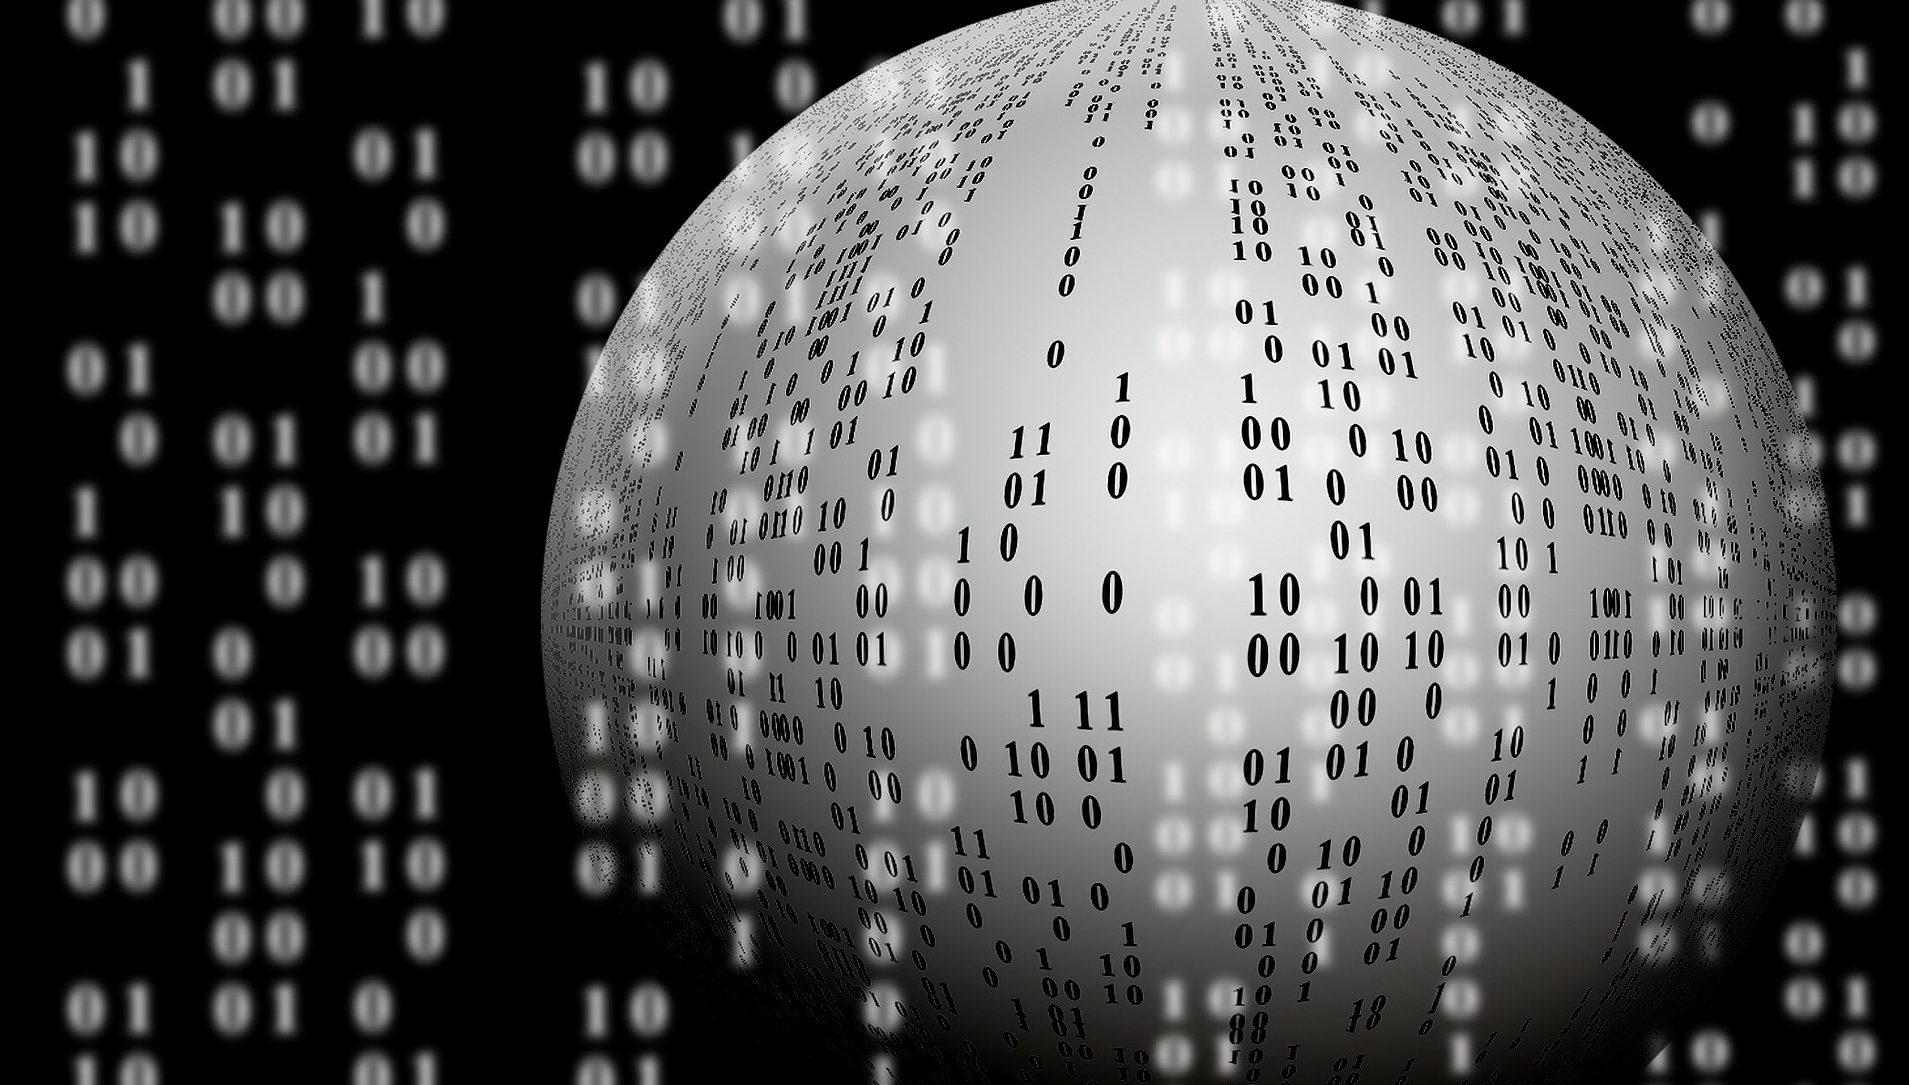 IoT通信機器のデータマイグレーション(データ移行)